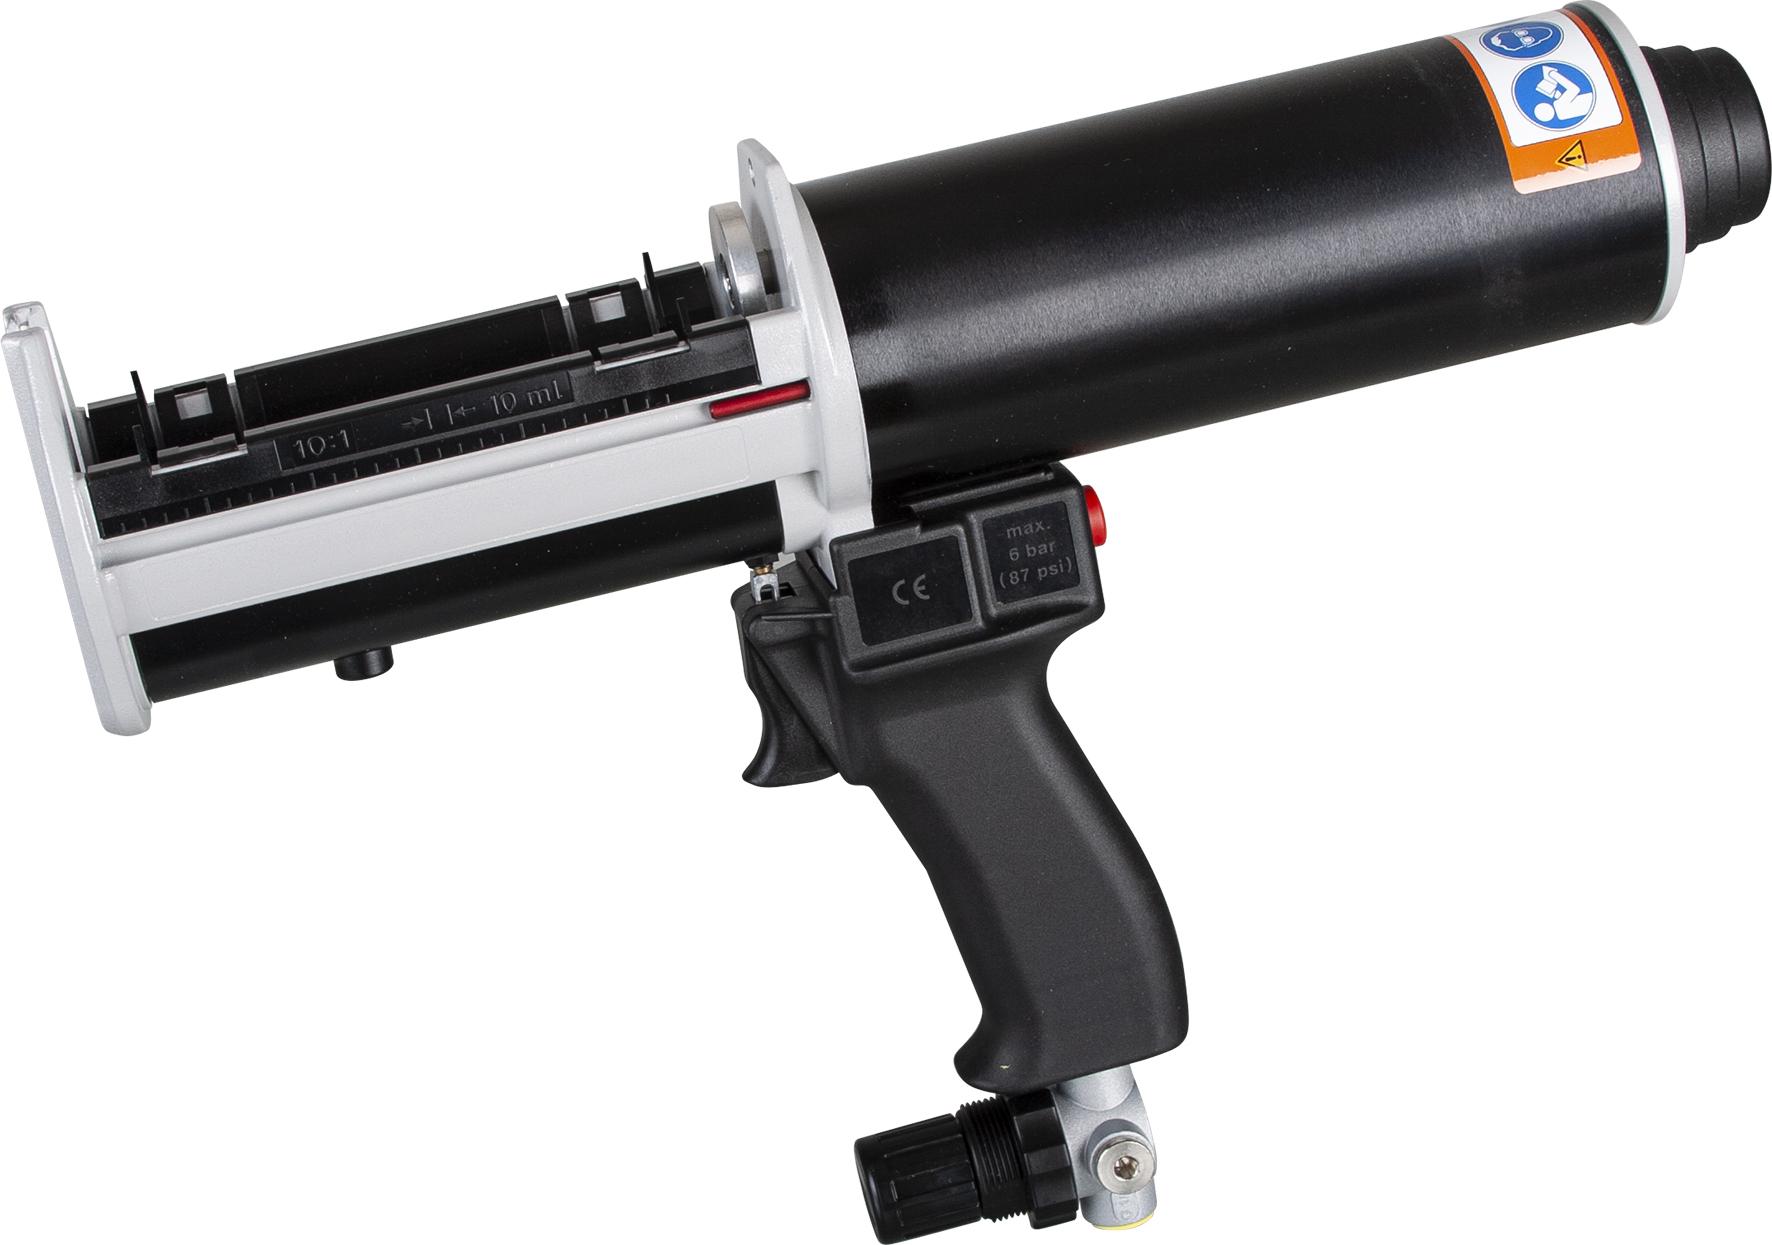 Integra Presspistole Druckluft 250 ml